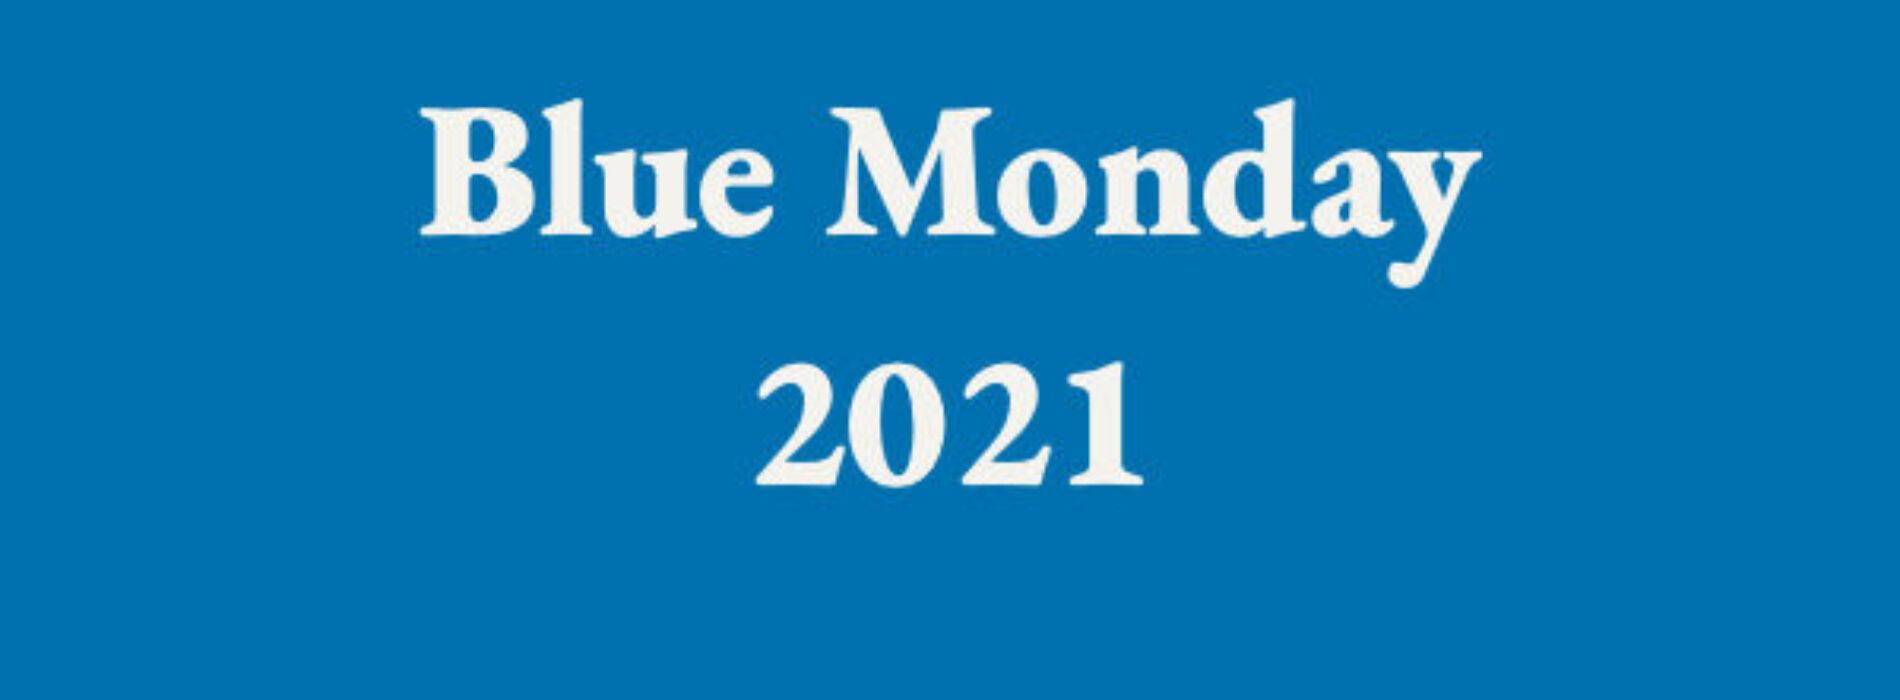 No disturb! Oggi è il Blue Monday, il giorno più triste dell'anno